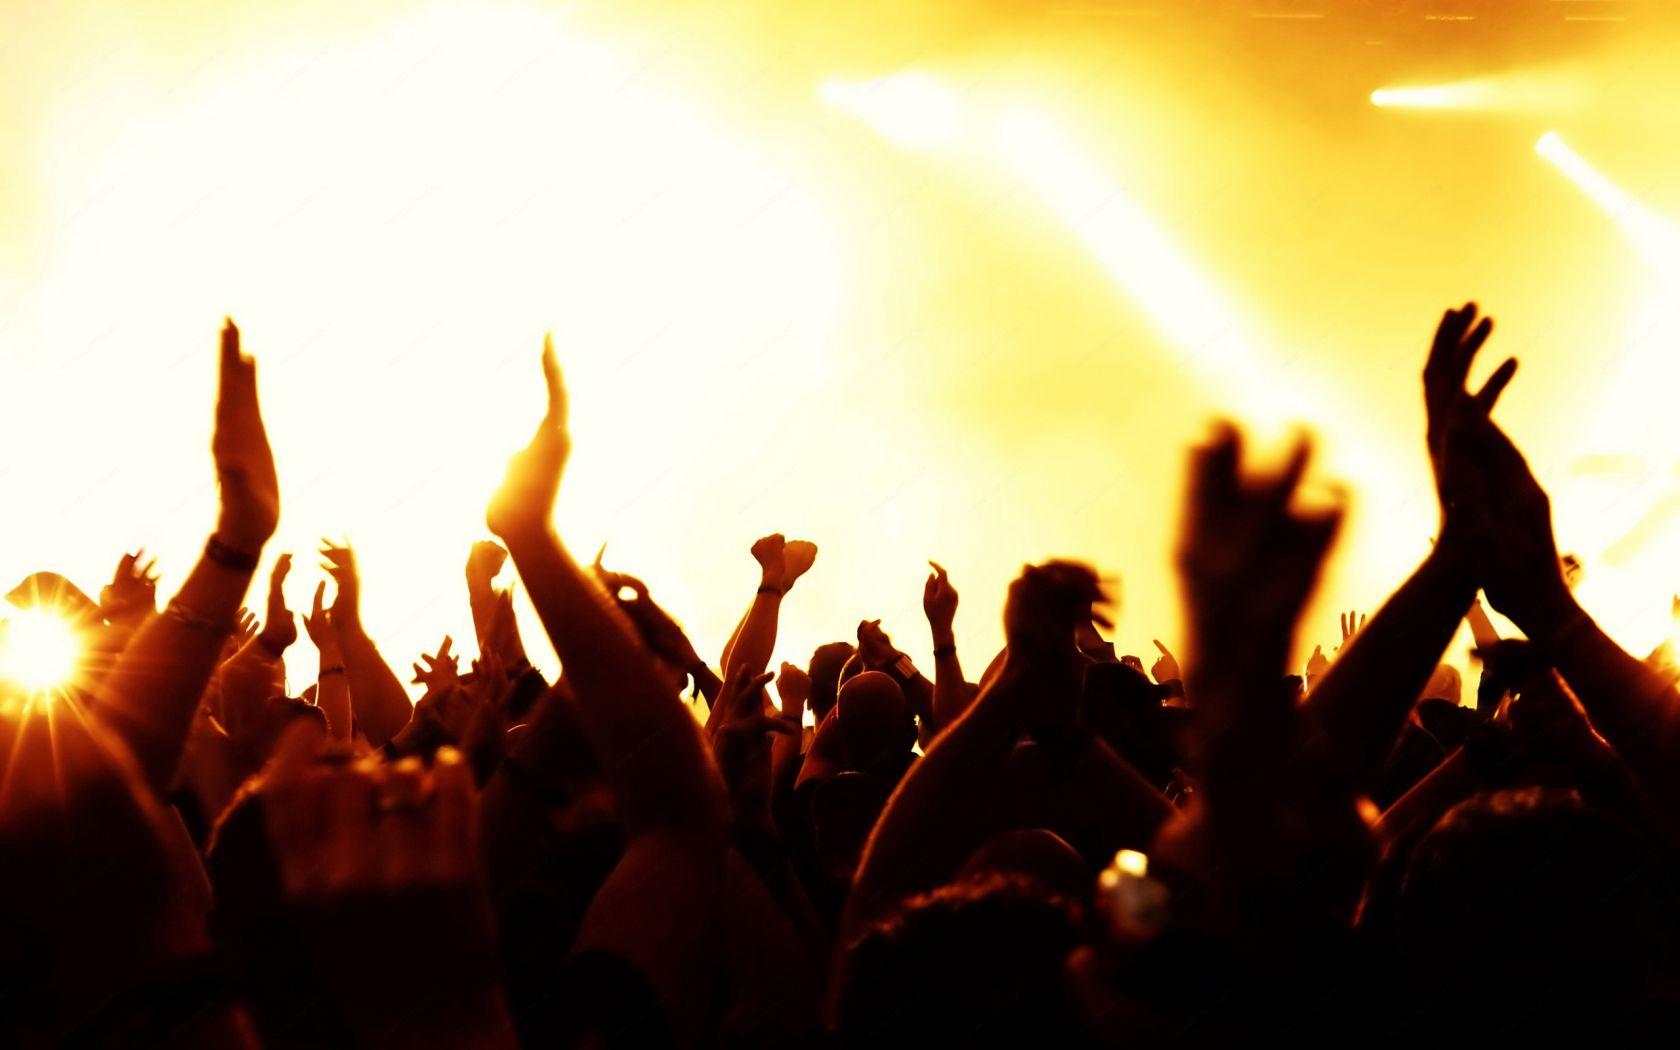 В Ярославле появится «Музыкальное царство рока»